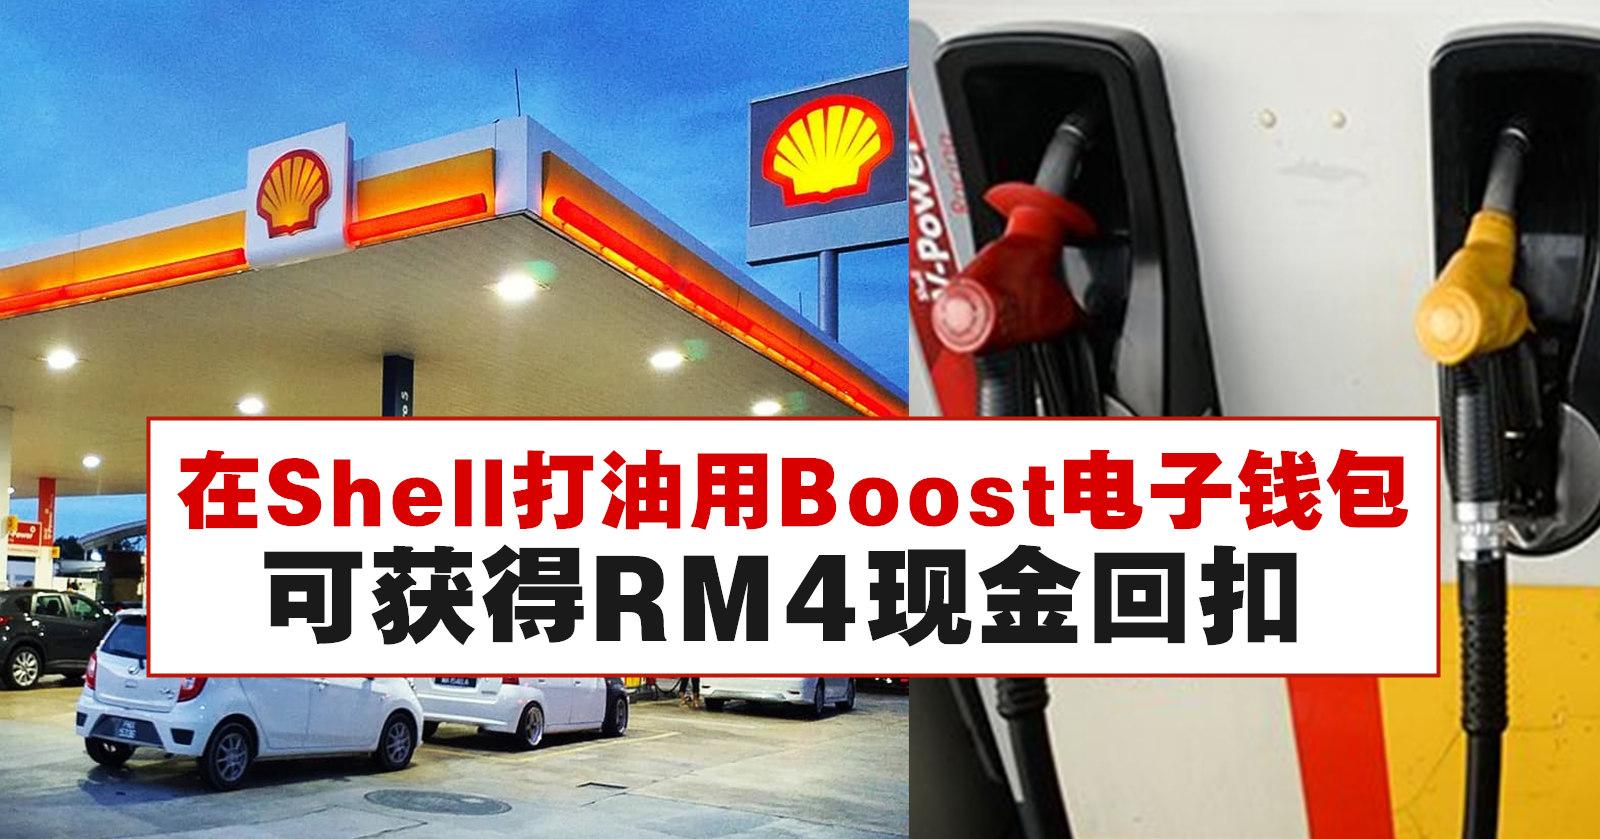 在Shell打油用Boost电子钱包,可获得RM4现金回扣